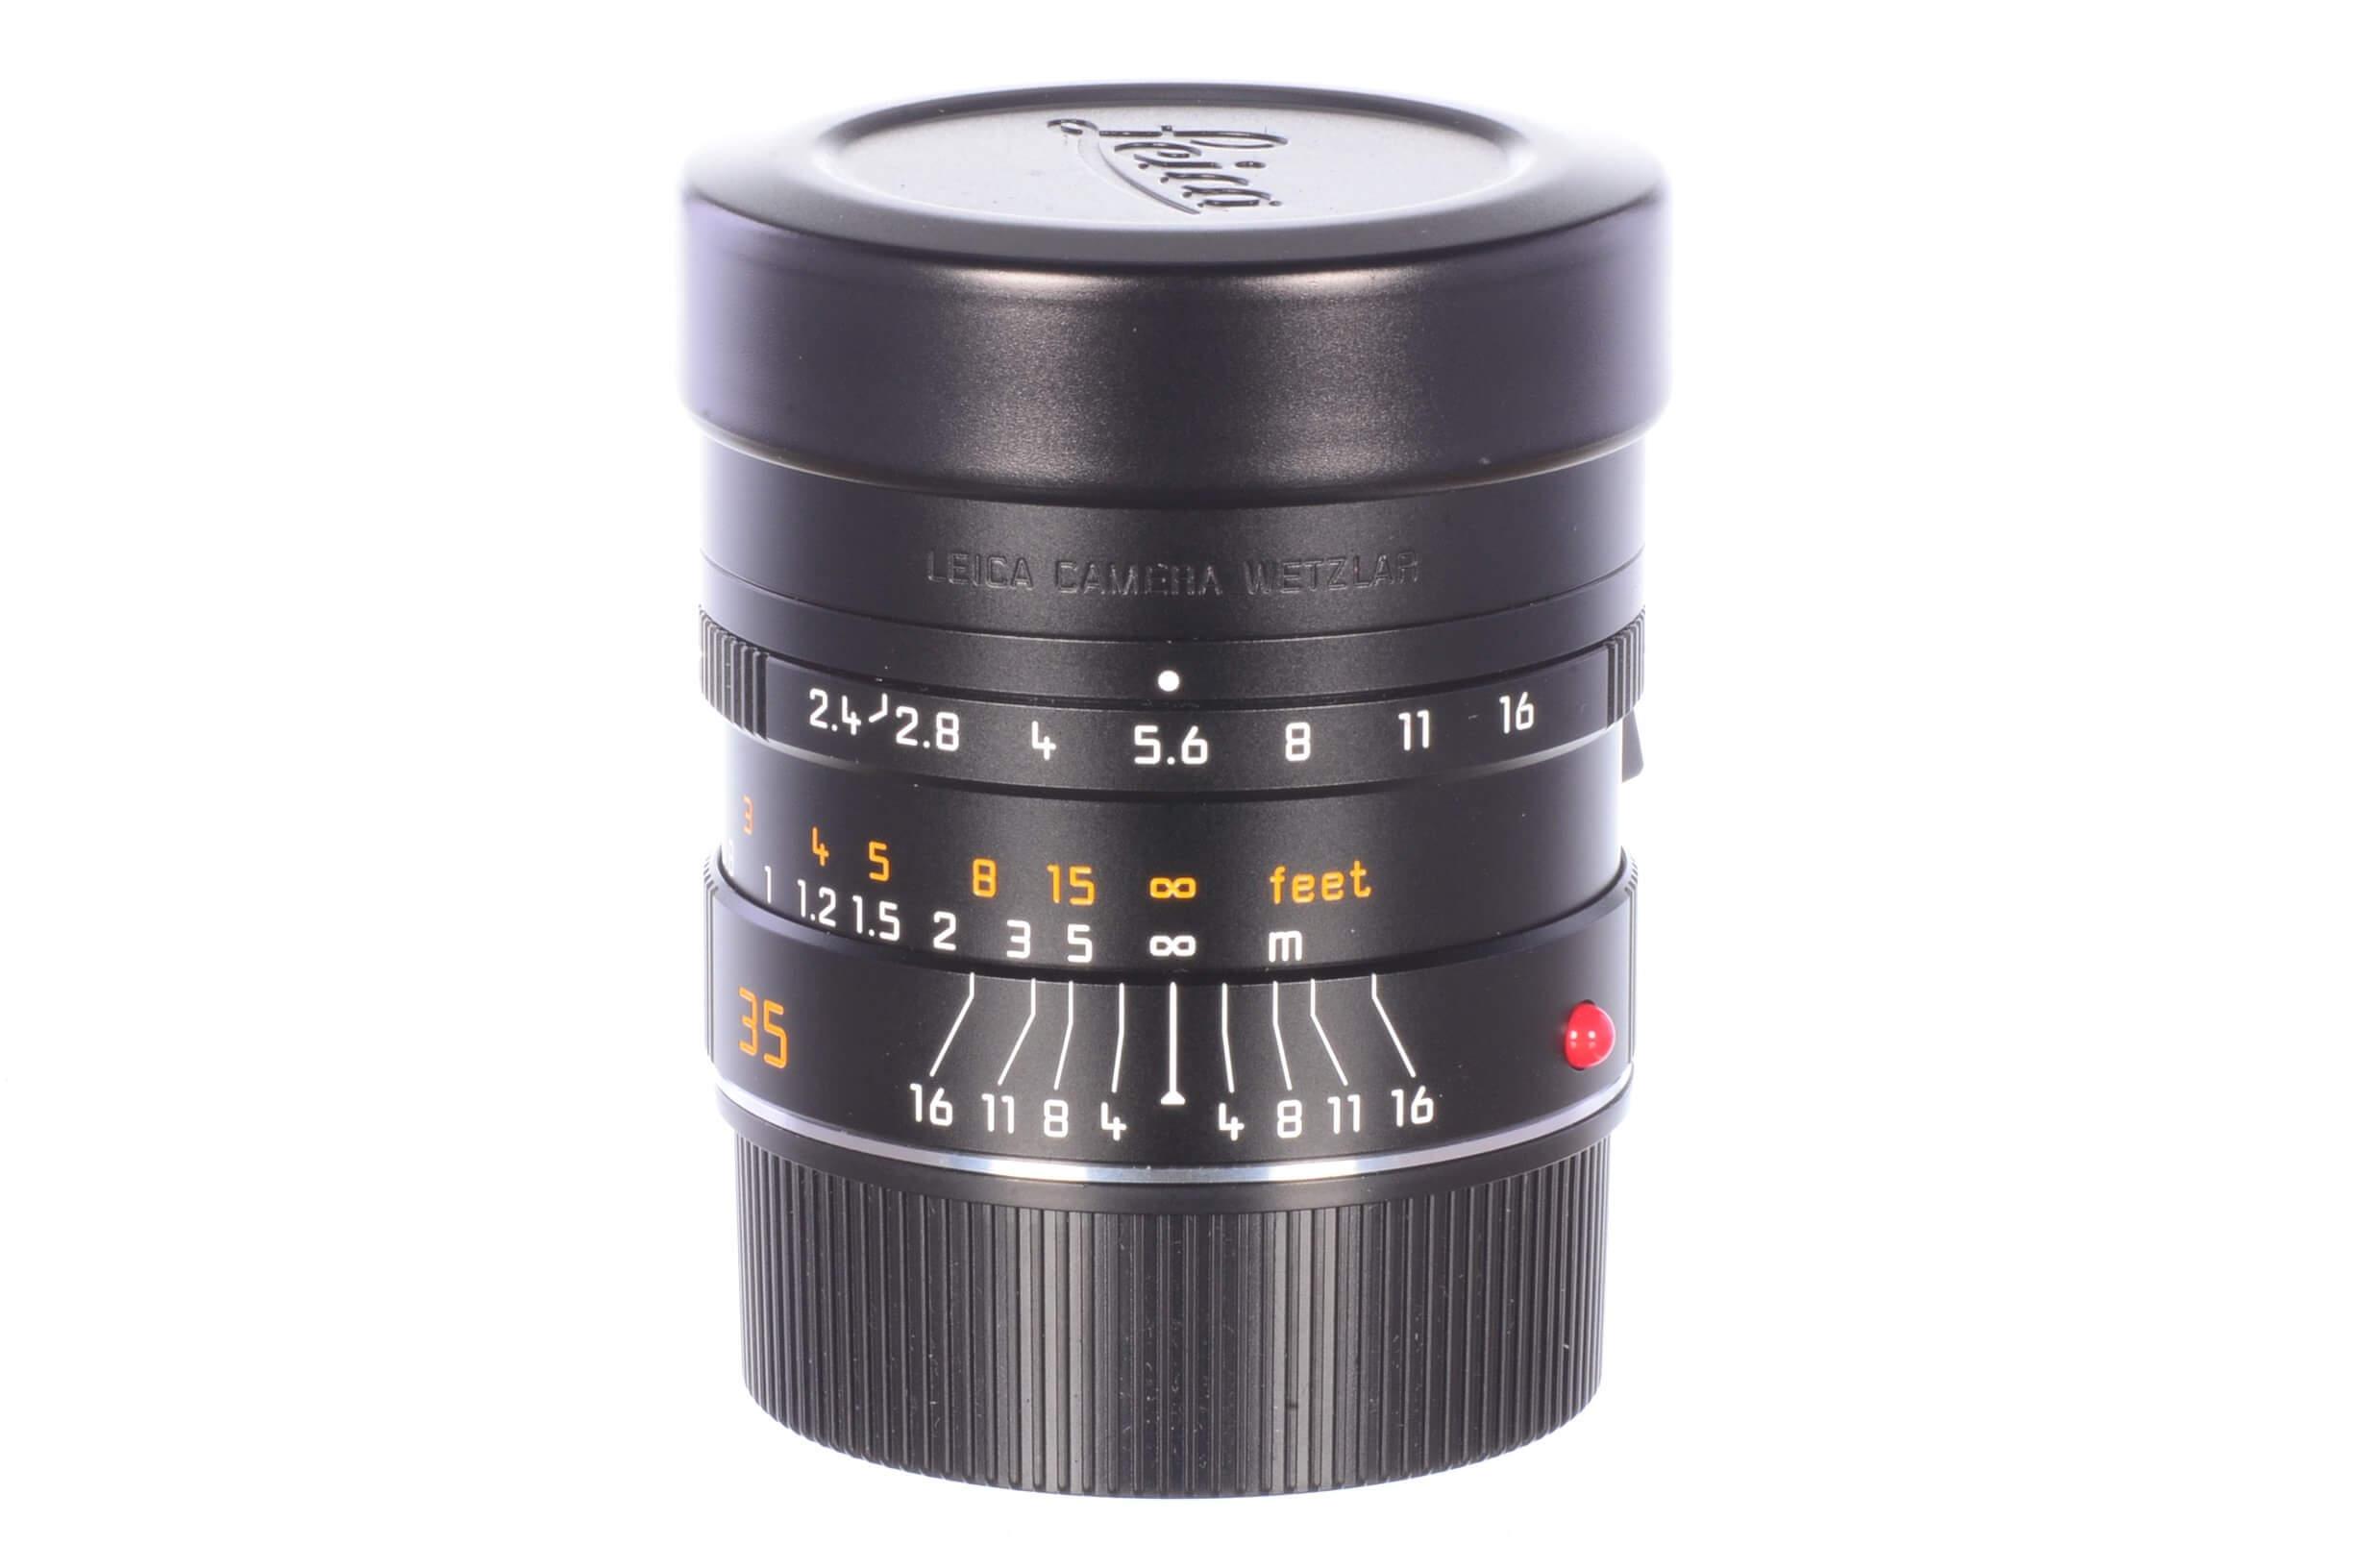 Leica 35mm f2.4 Summarit M ASPH, virtually unused!